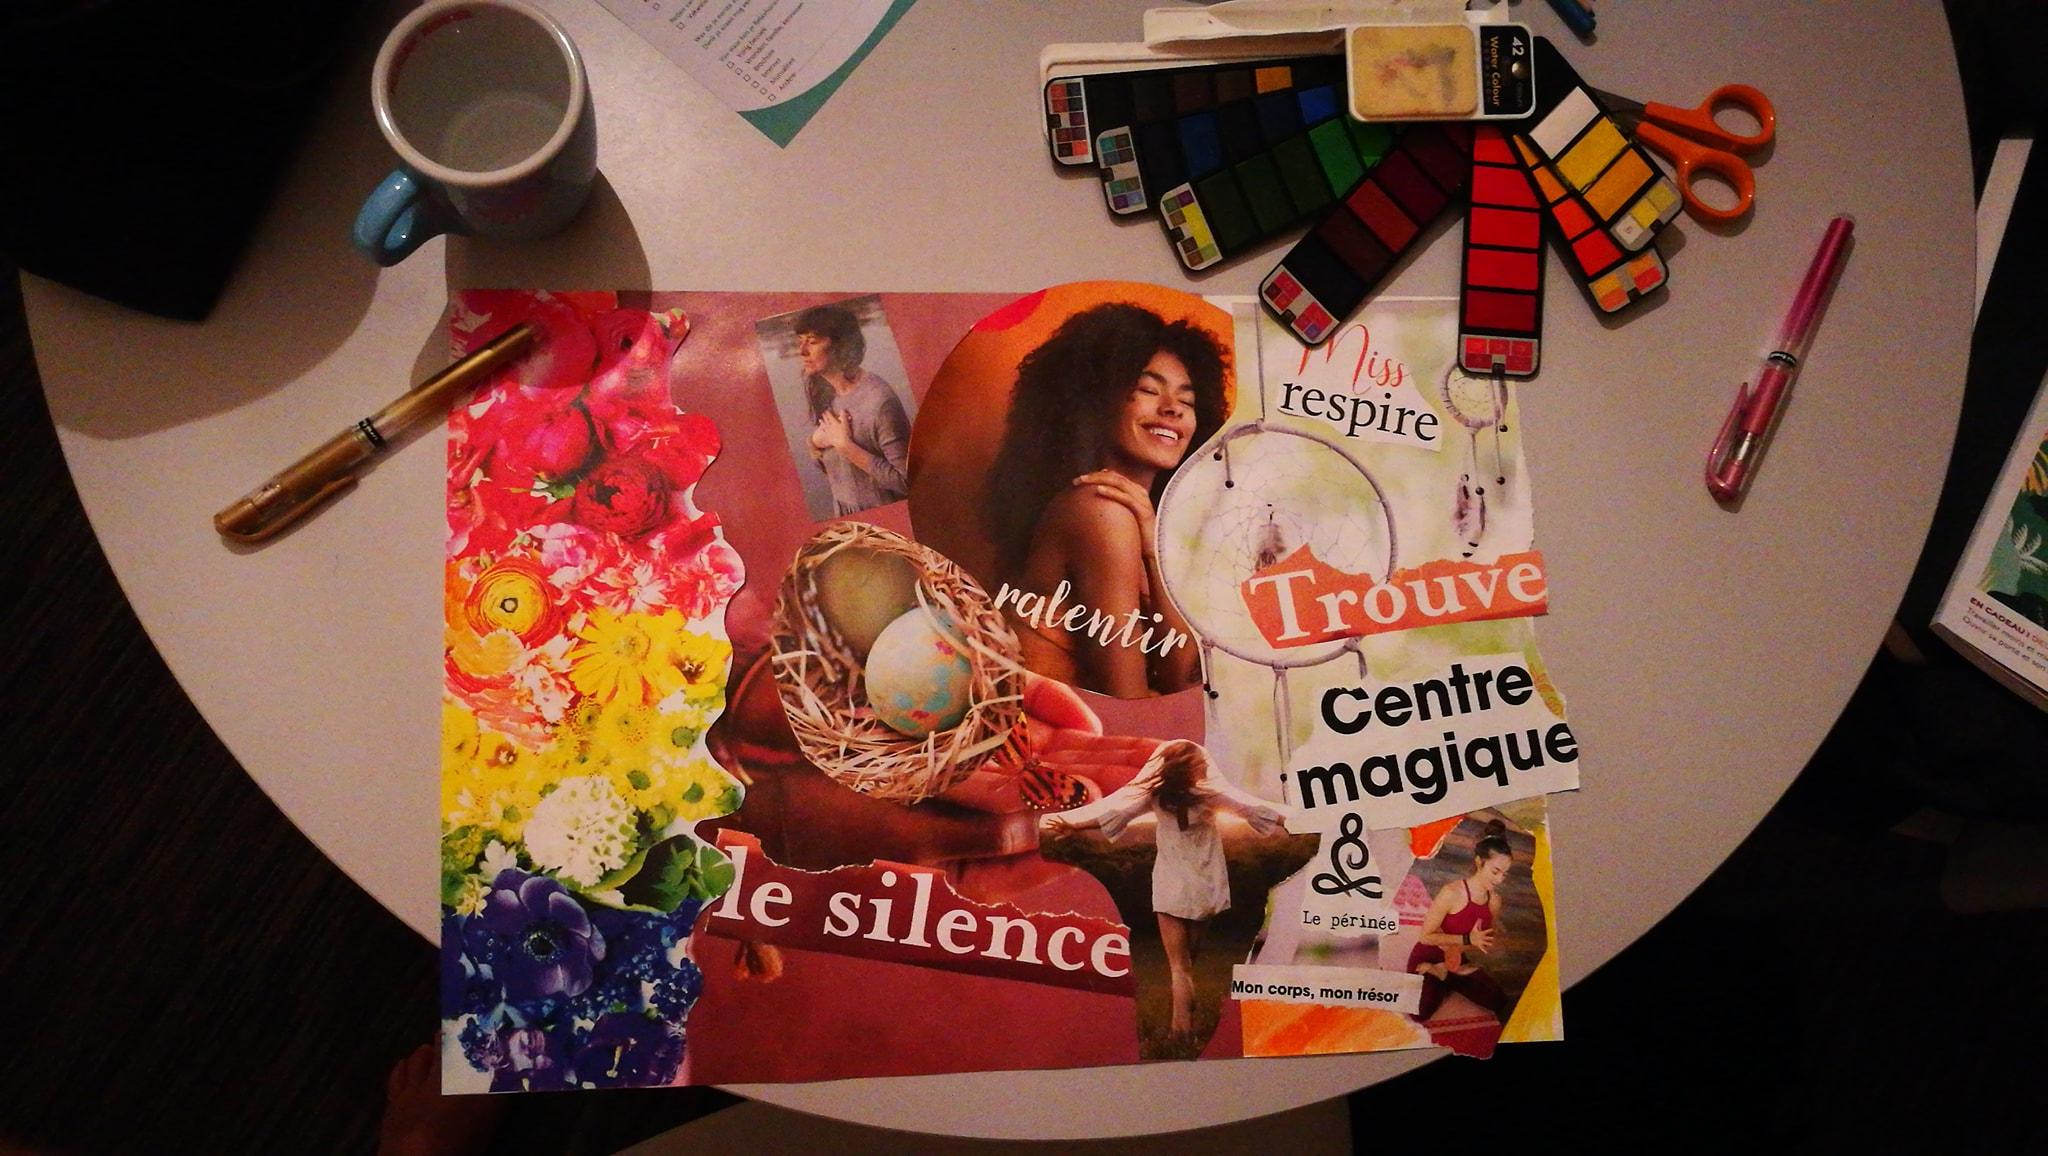 tableau de visualisation collage journal créatif Maud art-therapeute, maincy 77950 défi des 100 jourss